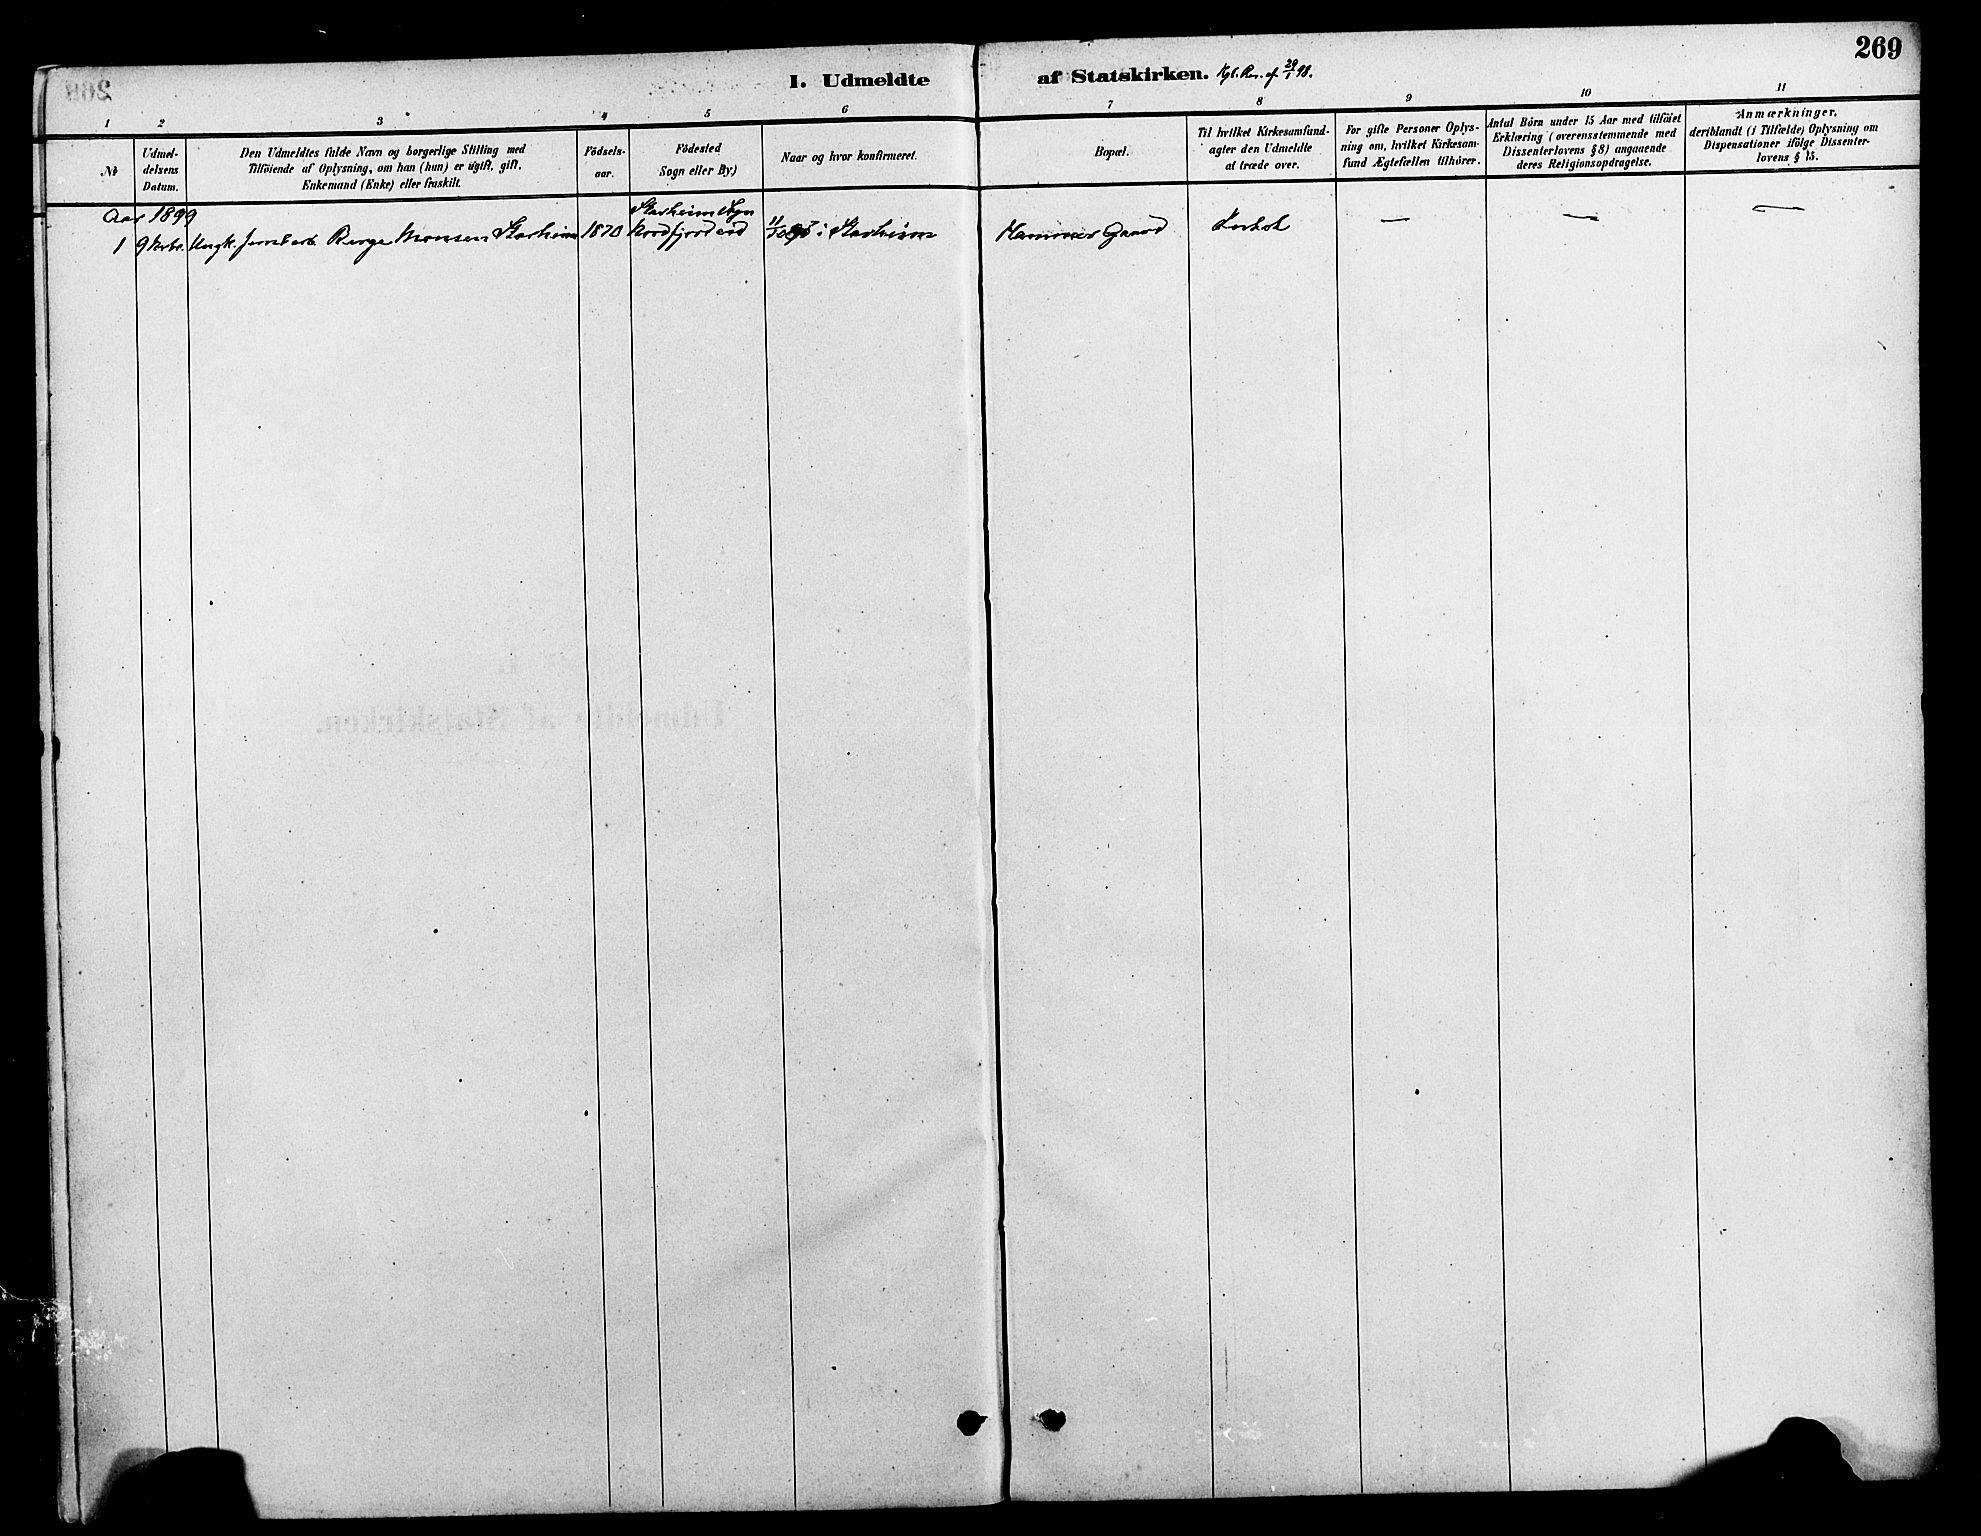 SAT, Ministerialprotokoller, klokkerbøker og fødselsregistre - Nord-Trøndelag, 712/L0100: Ministerialbok nr. 712A01, 1880-1900, s. 269